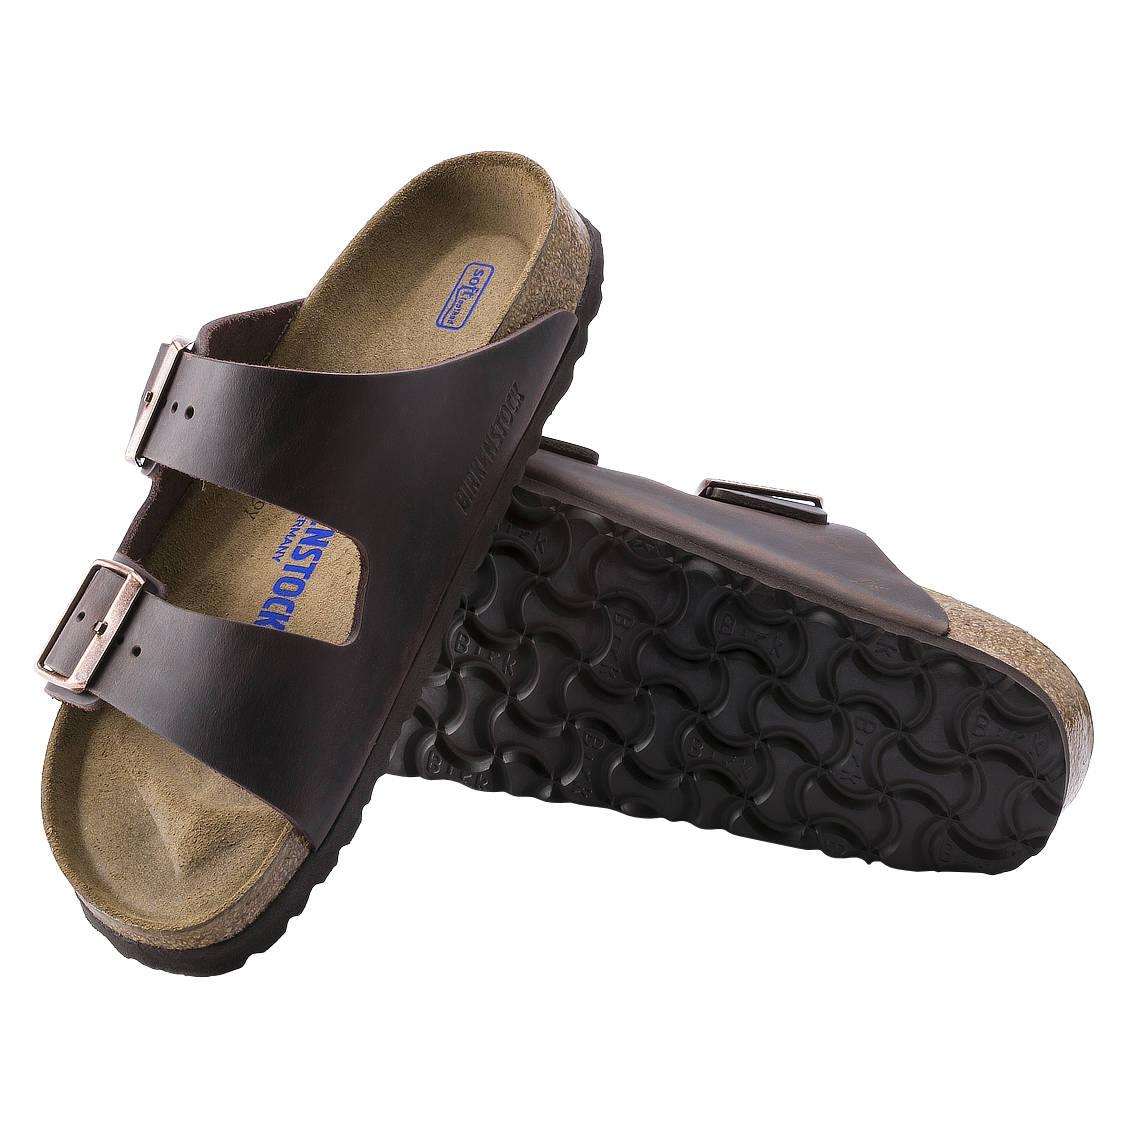 birkenstock-452761_452763_sole